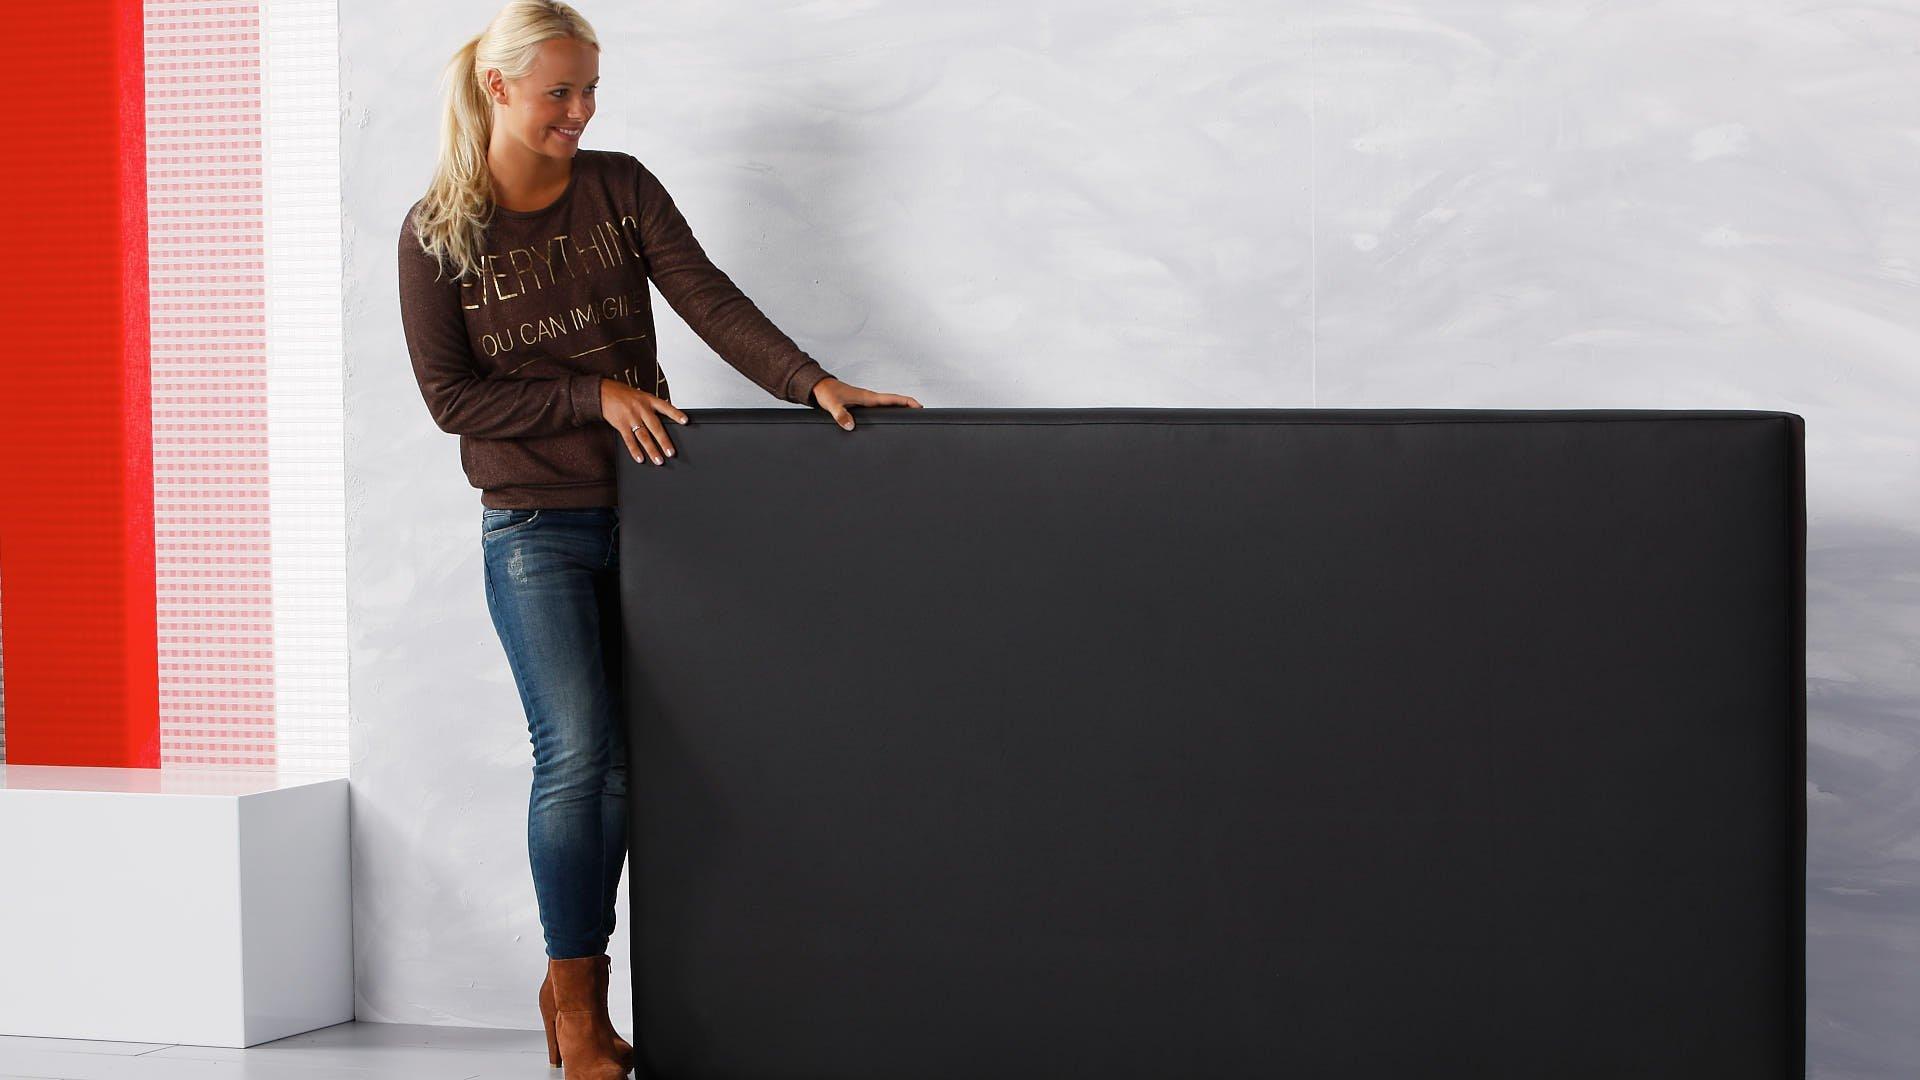 waterbed hoofdbord in zwart lederlook plaatsen